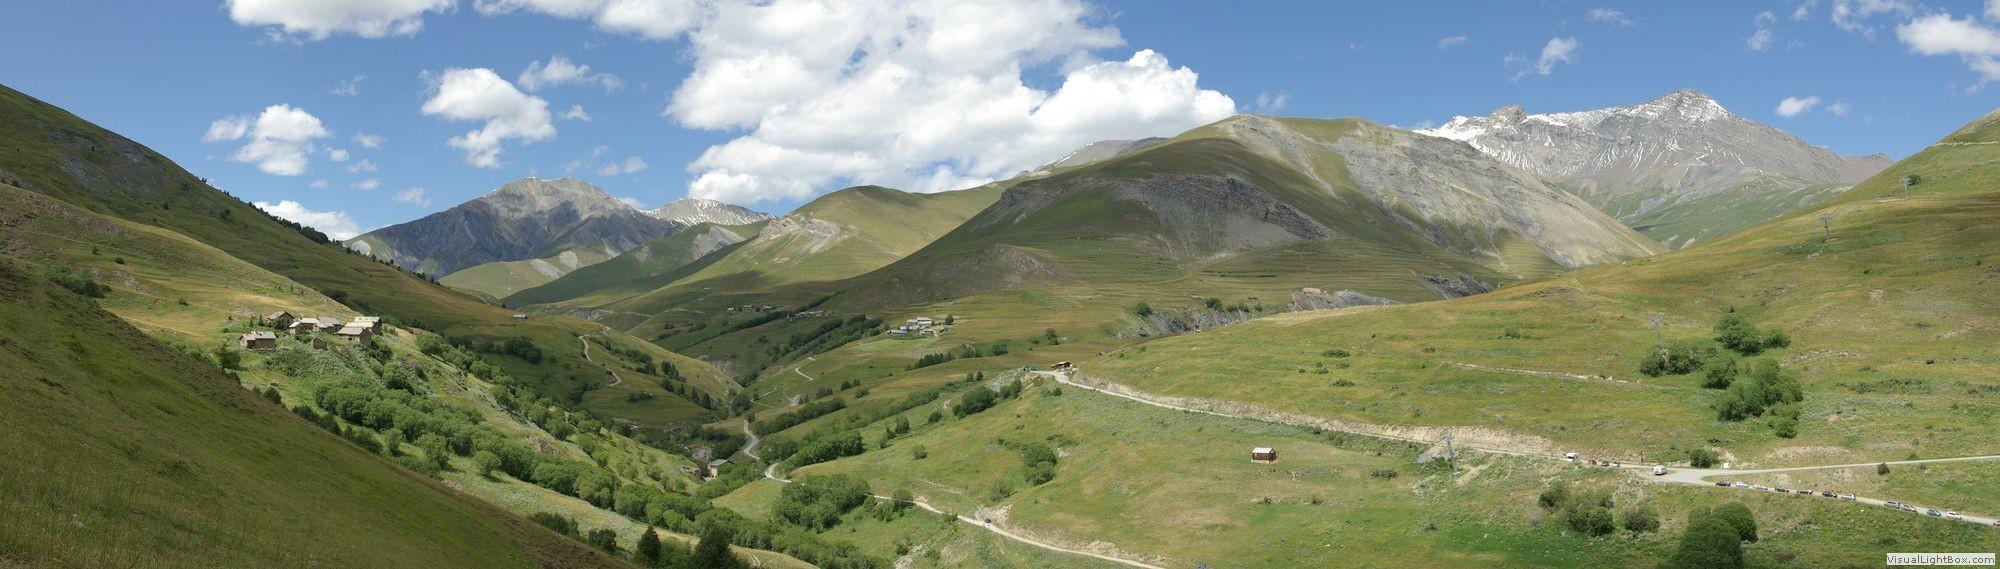 Photos panoramiques de montagnes